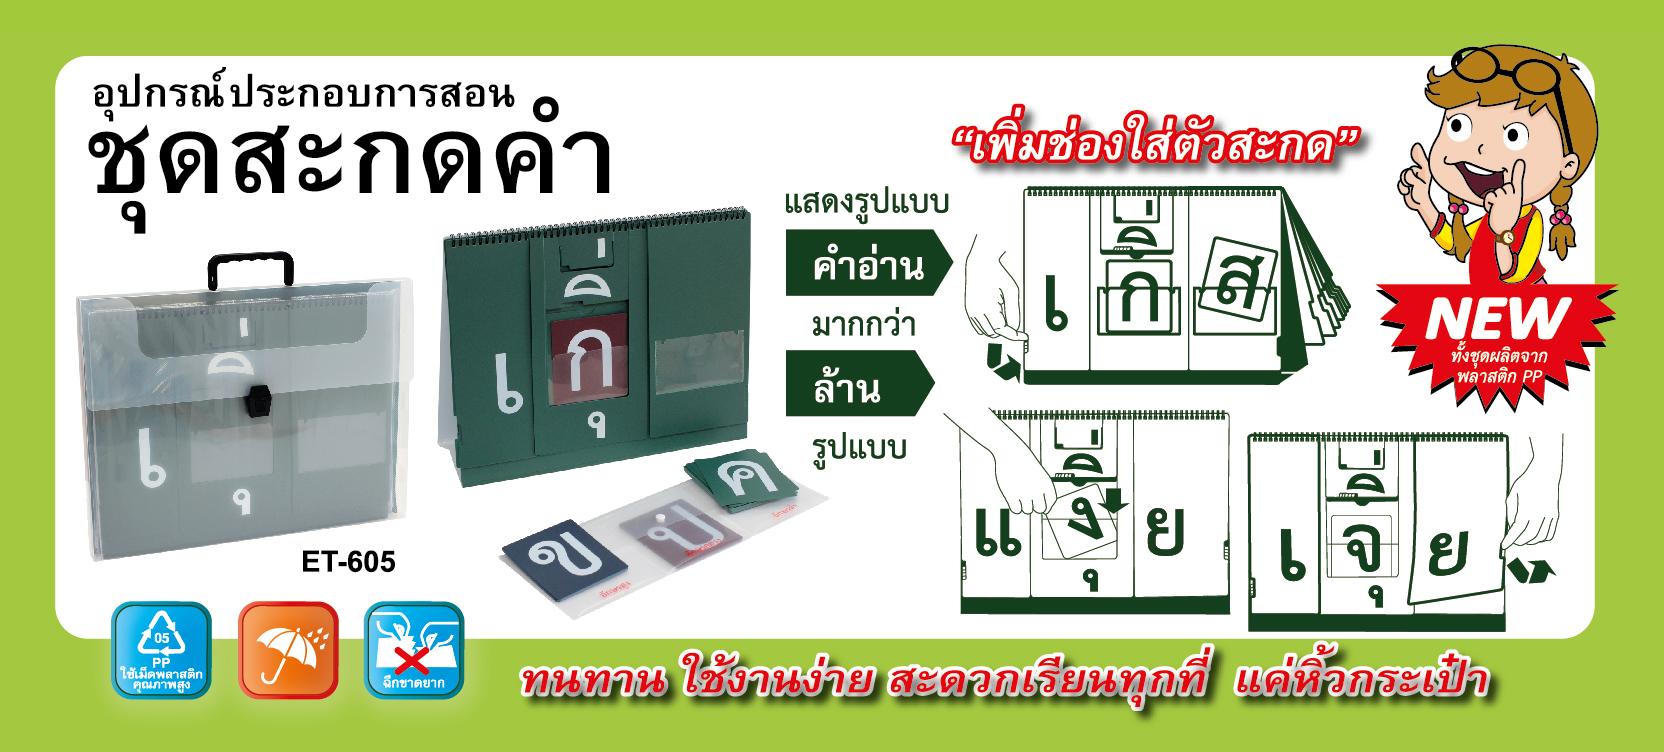 ชุดสะกดคำ, กขค, ก-ฮ, สะกดคำ, สื่อการสอน, อ่าน, สันห่วง, ปฏิทิน, กระเป๋า, ภาษาไทย, คำมูล